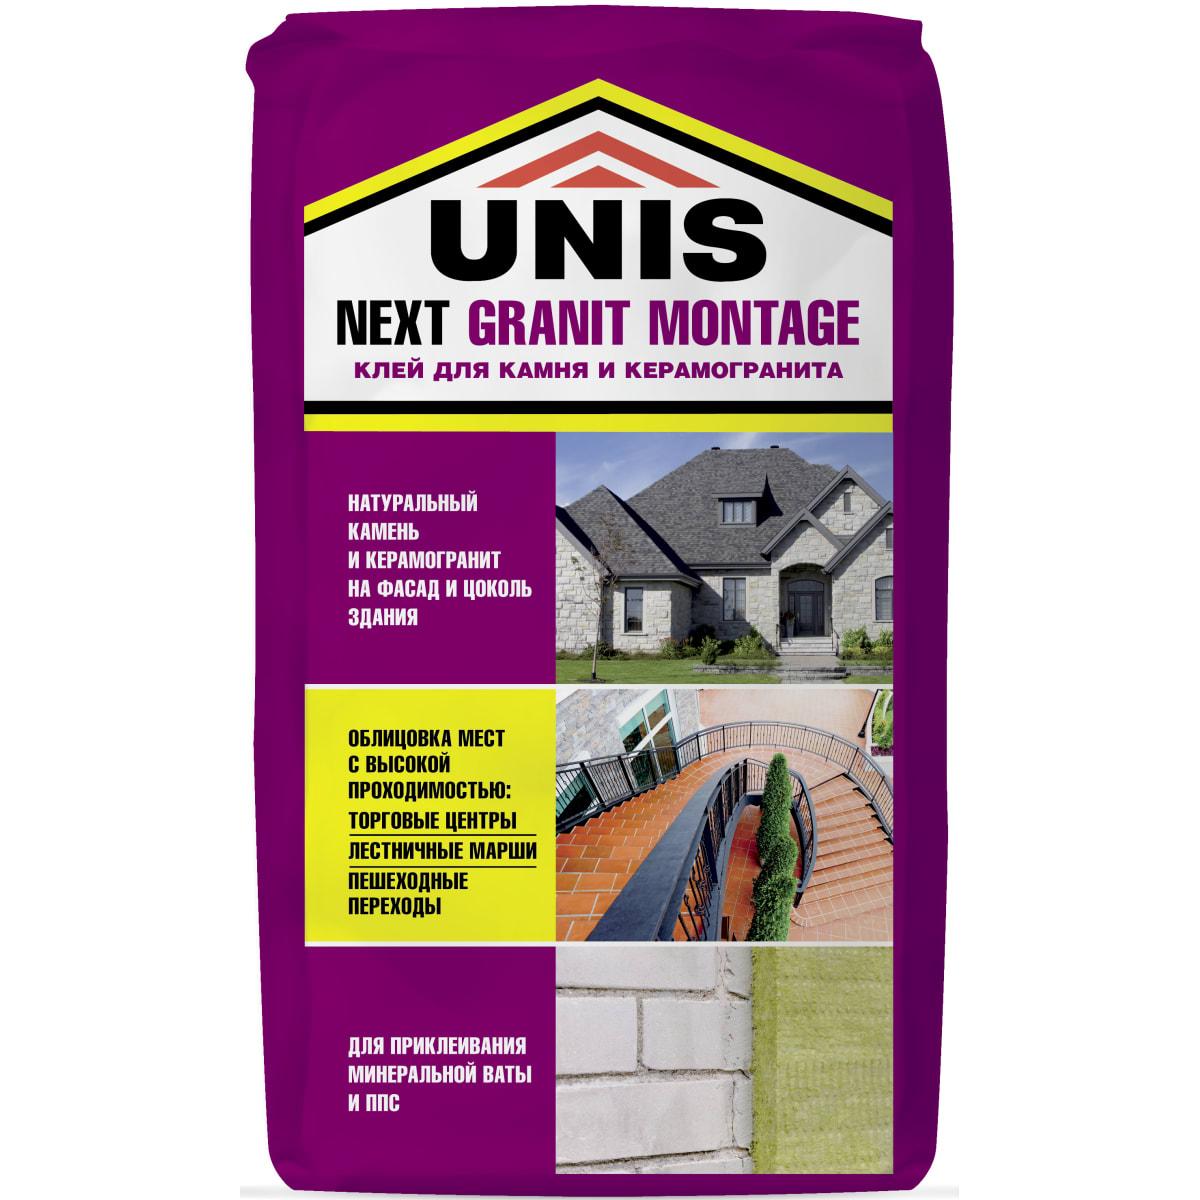 Клей для камня и керамогранита Unis Next Granit Montage, 25 кг